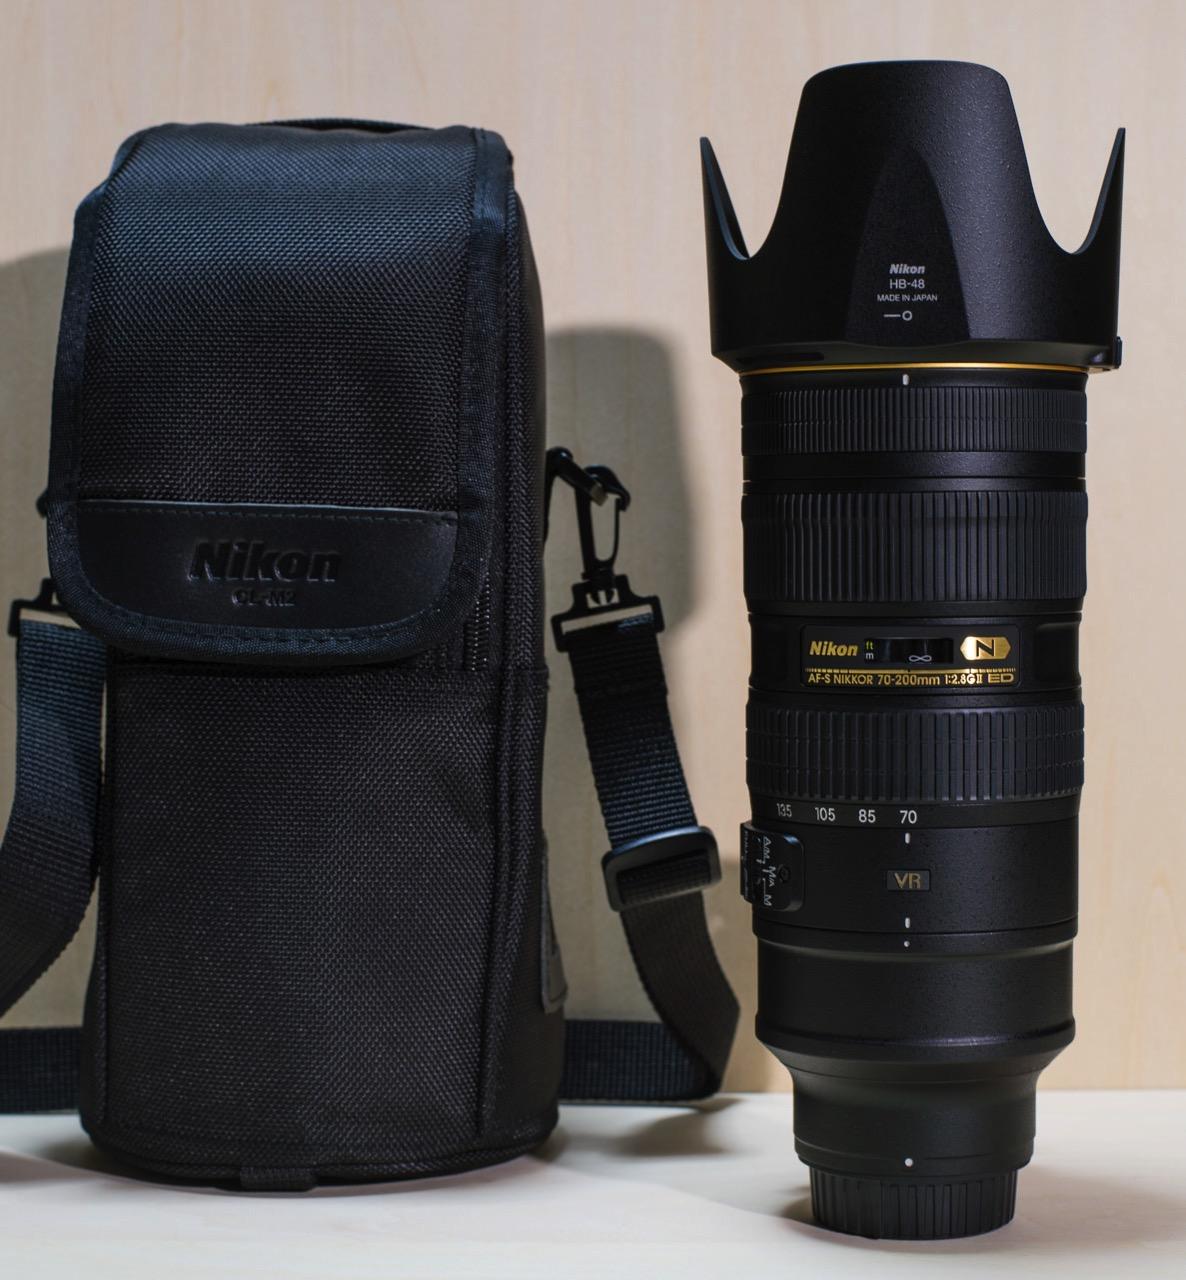 AF-S NIKKOR 70-200mm f/2.8G ED VR2の内容物